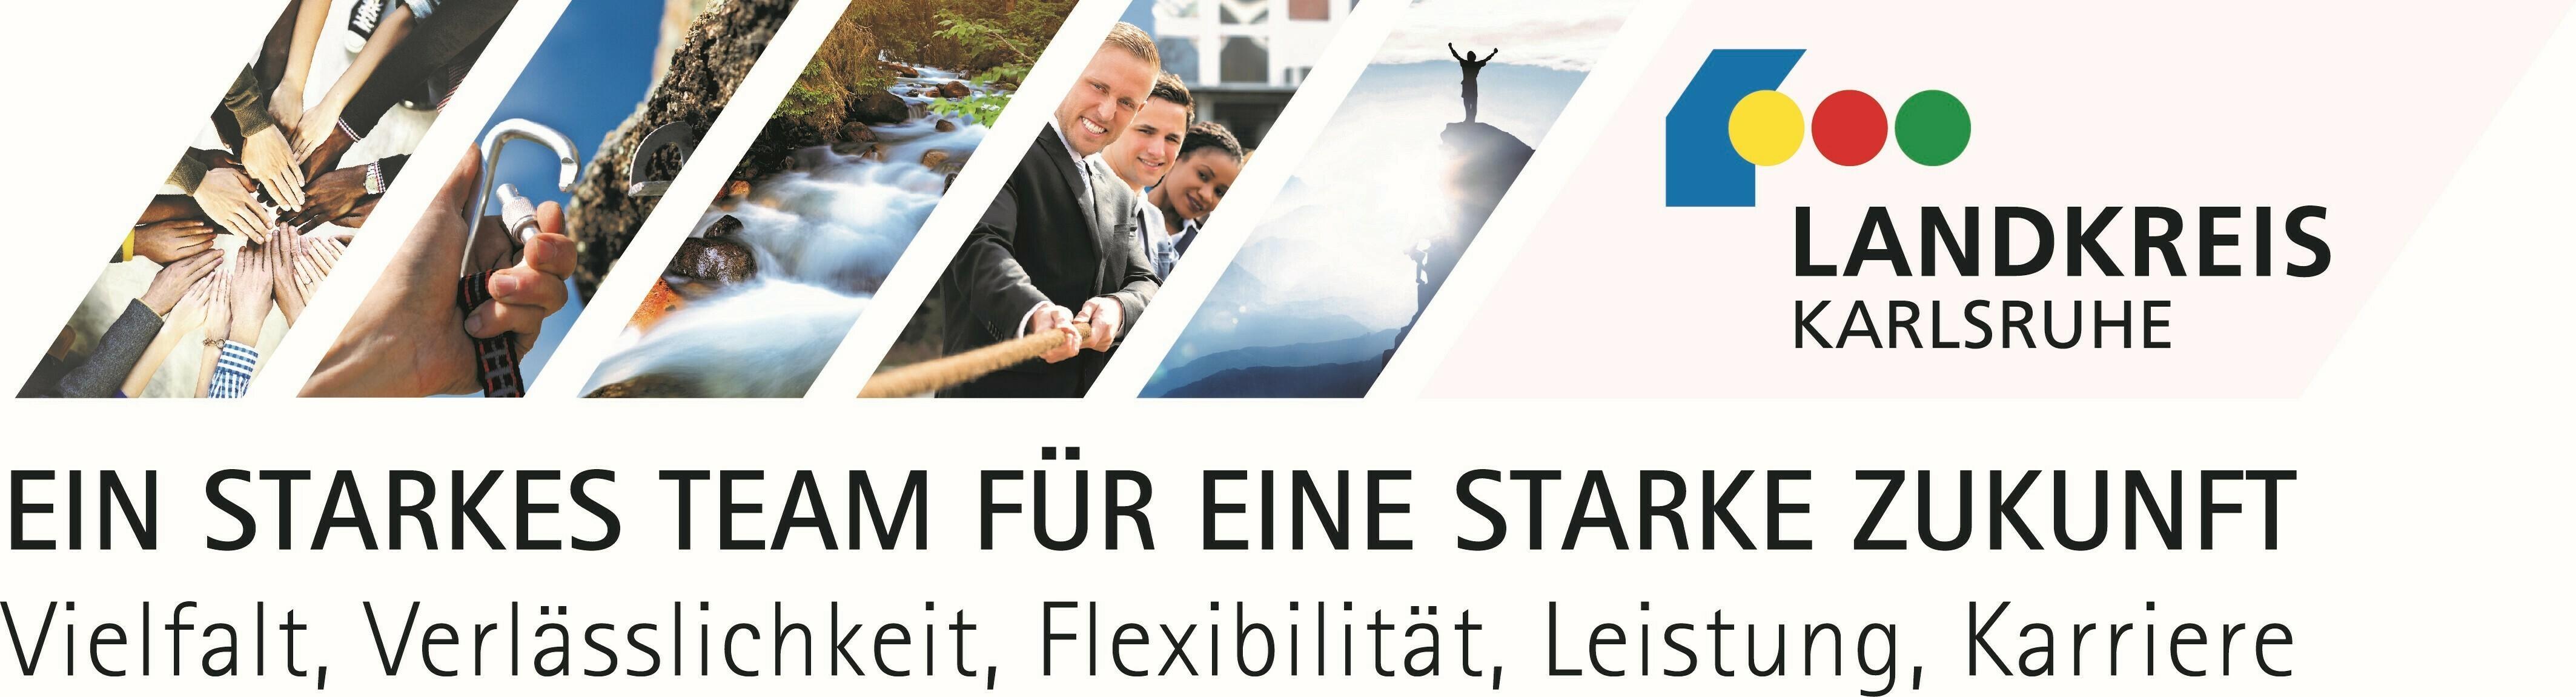 Landkreis Karlsruhe - Ein starkes Team für eine starke Zukunft